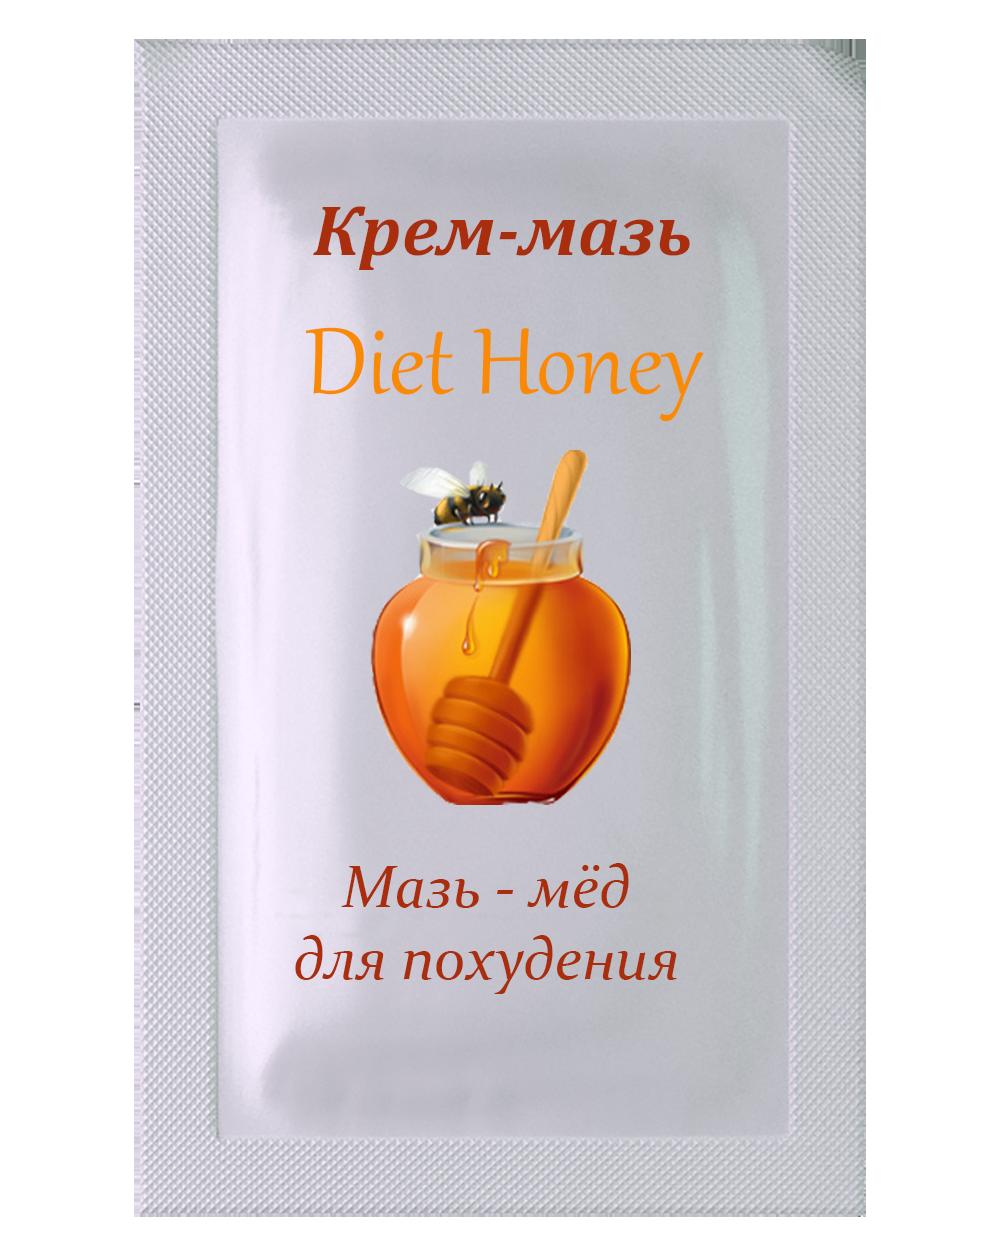 Diet Honey (диет хани) - крем-мазь для похудения